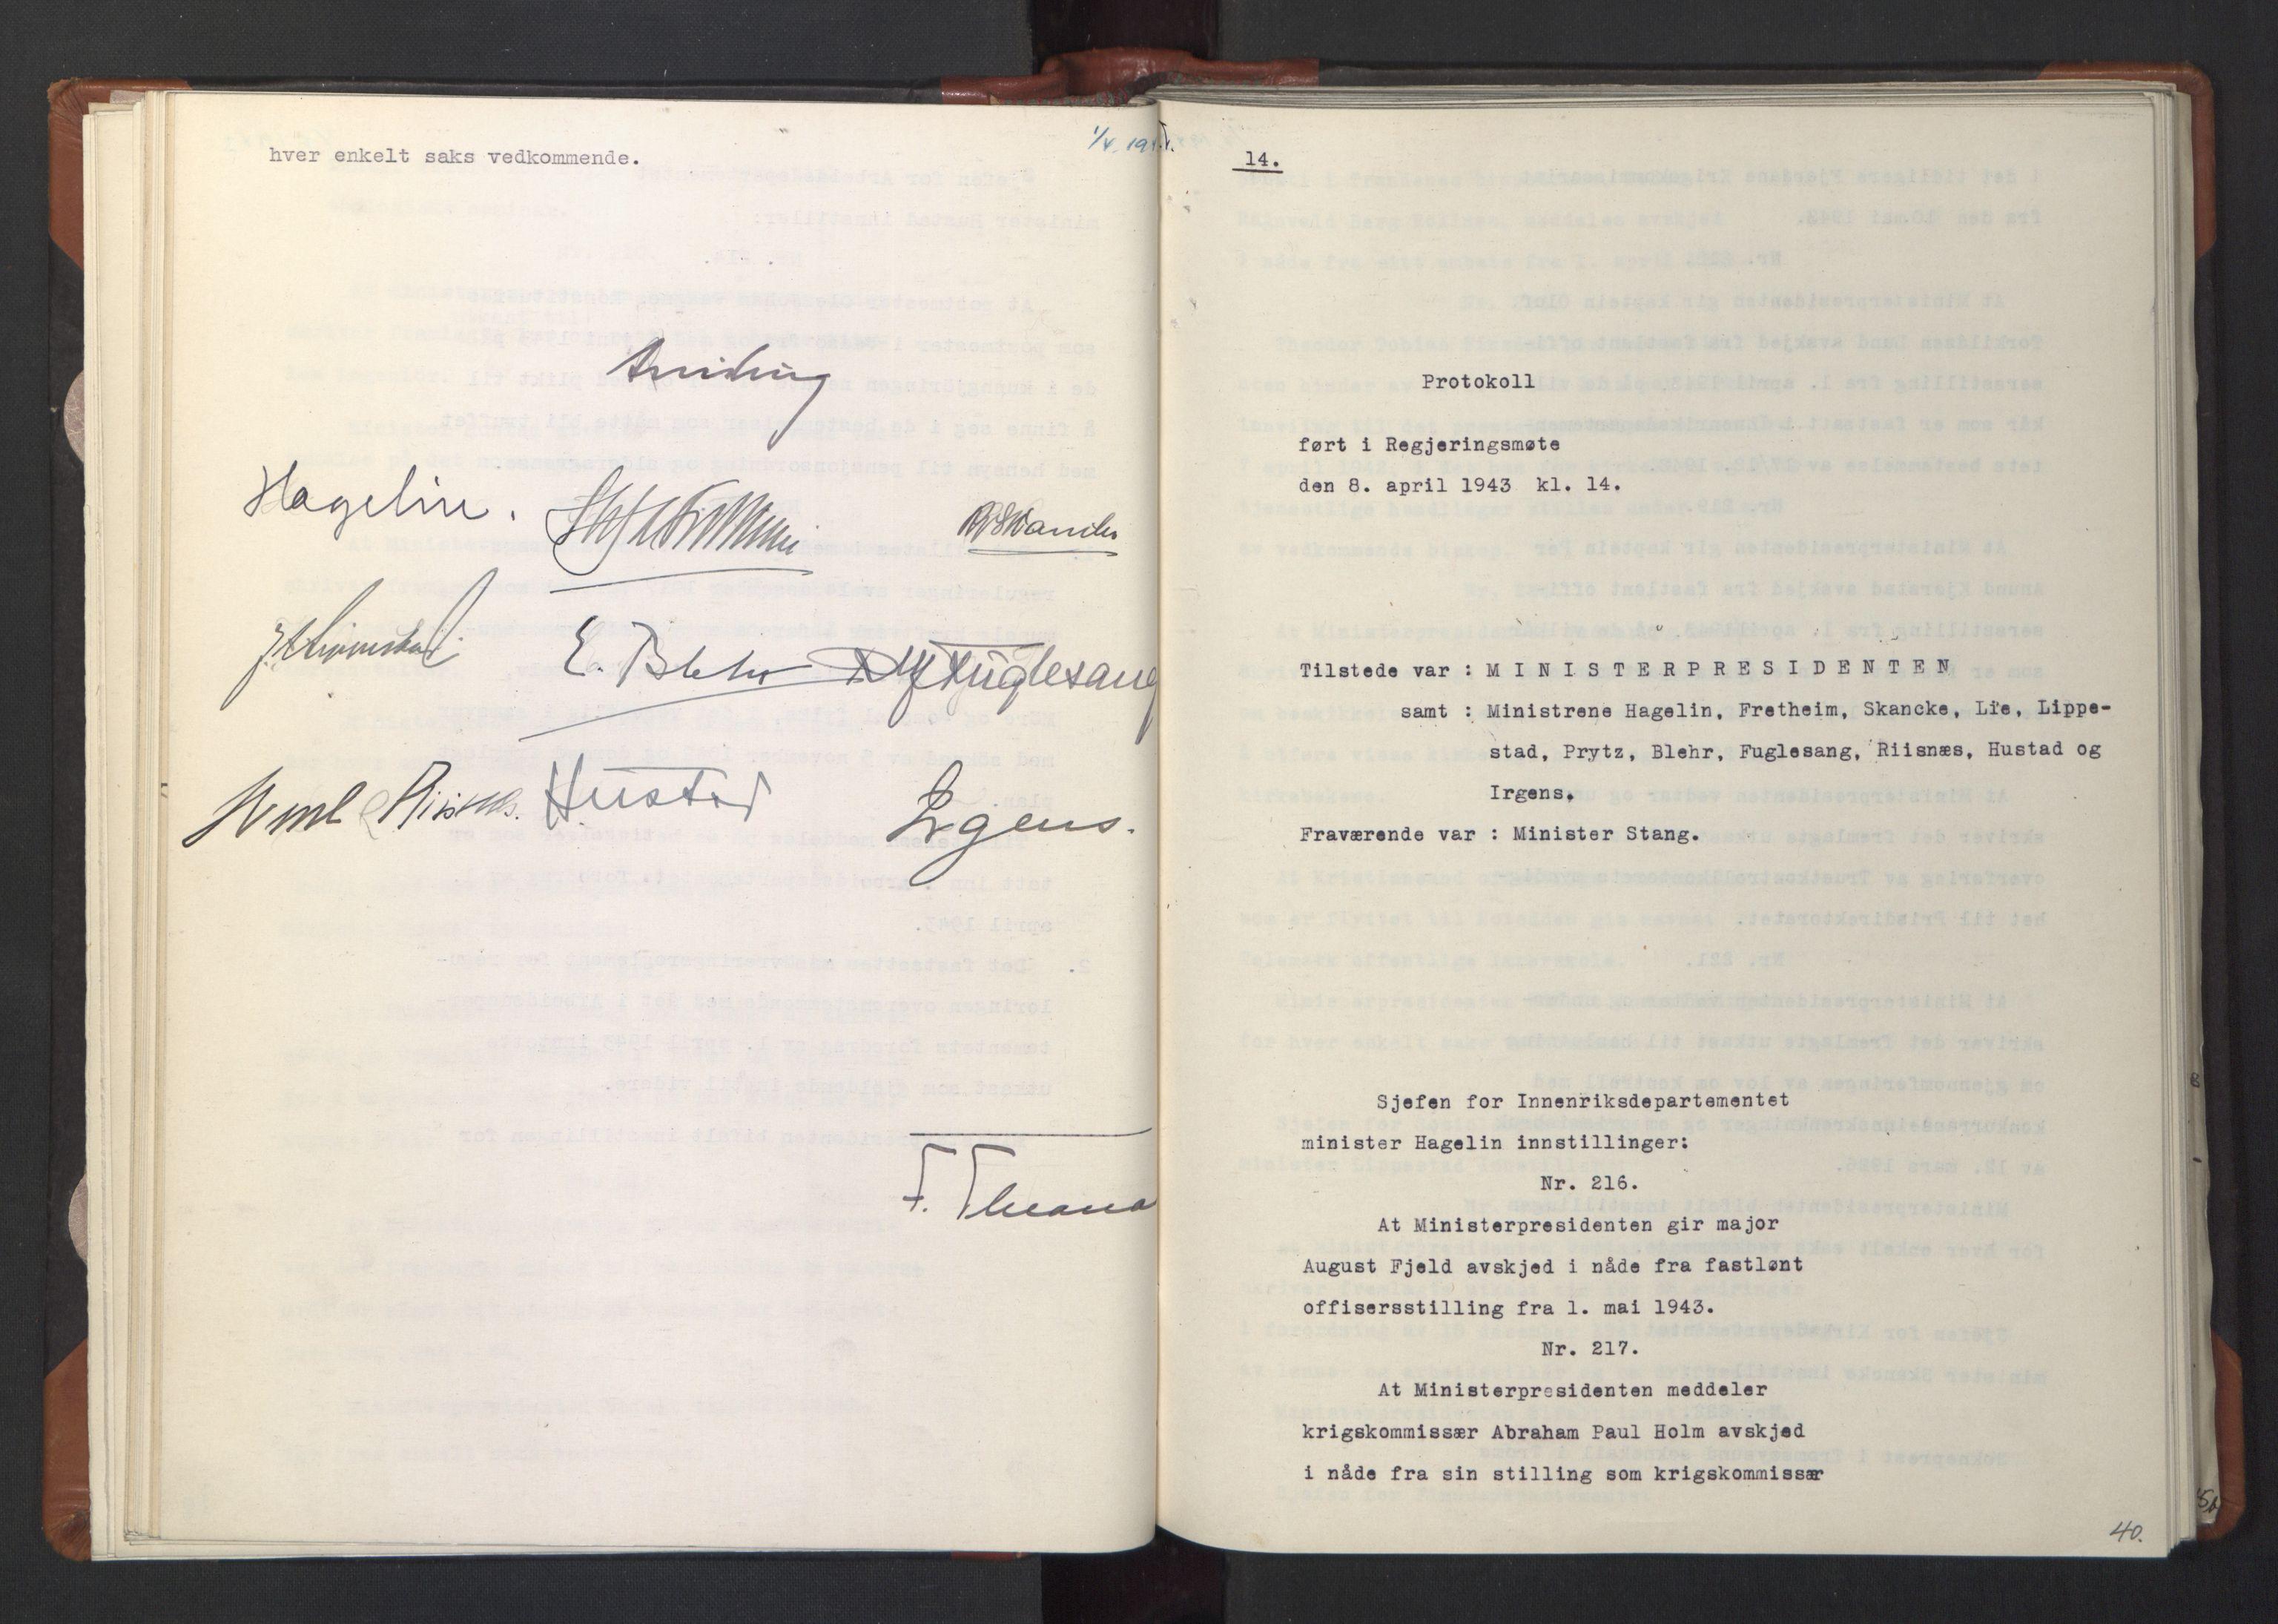 RA, NS-administrasjonen 1940-1945 (Statsrådsekretariatet, de kommisariske statsråder mm), D/Da/L0003: Vedtak (Beslutninger) nr. 1-746 og tillegg nr. 1-47 (RA. j.nr. 1394/1944, tilgangsnr. 8/1944, 1943, s. 39b-40a